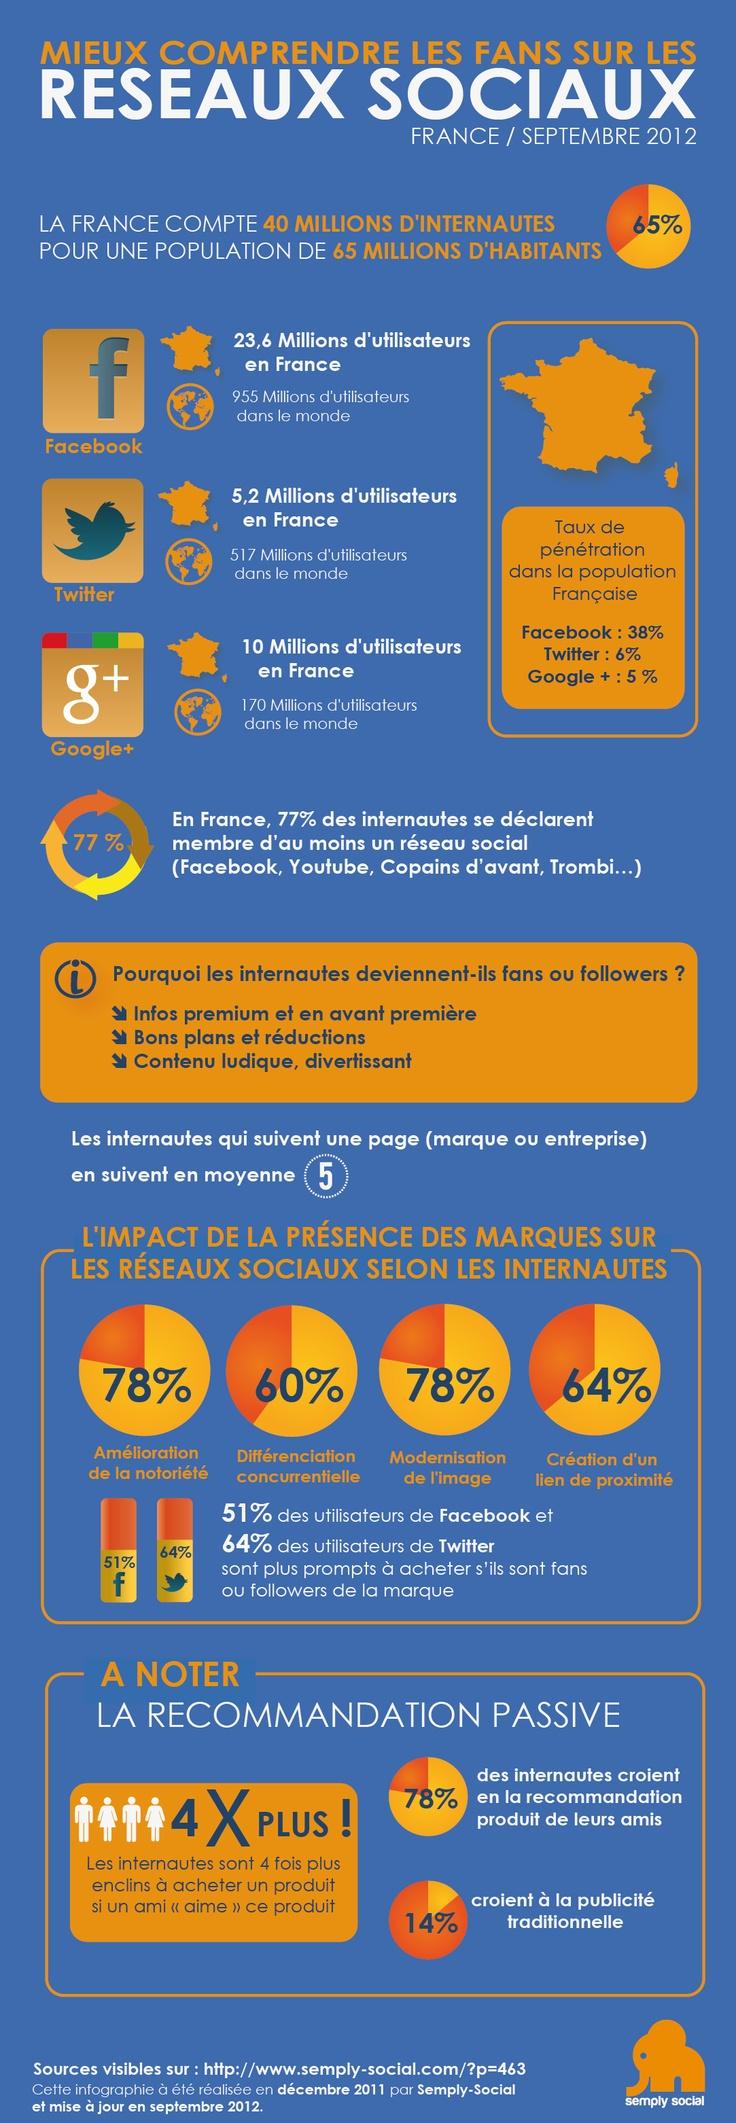 Infographie sur le blog de semply social sur les réseaux sociaux - infographie - www.eewee.fr